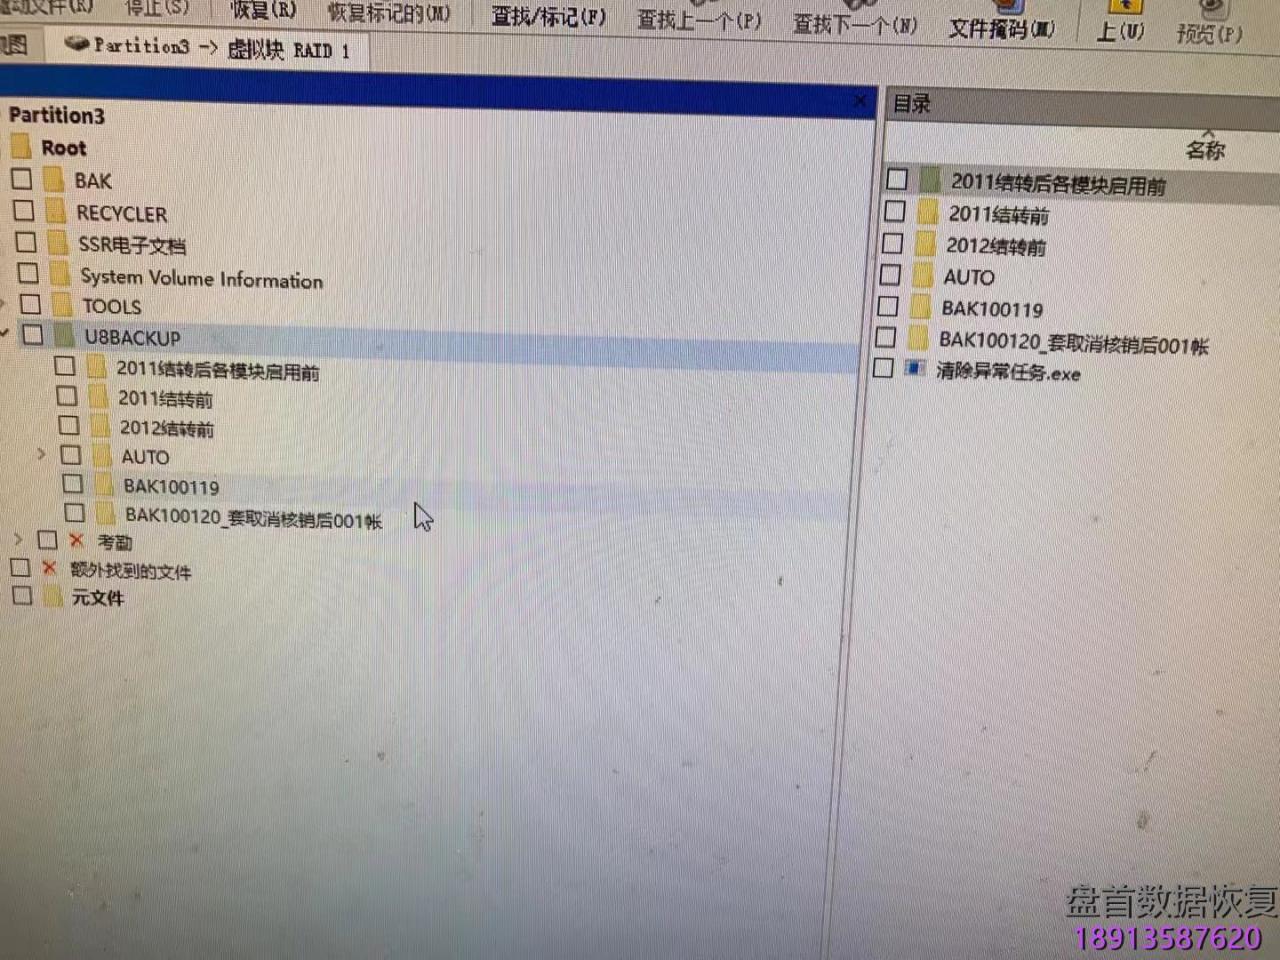 三盘ibm服务器,用友软件账套恢复成功 三盘IBM服务器,用友软件账套恢复成功